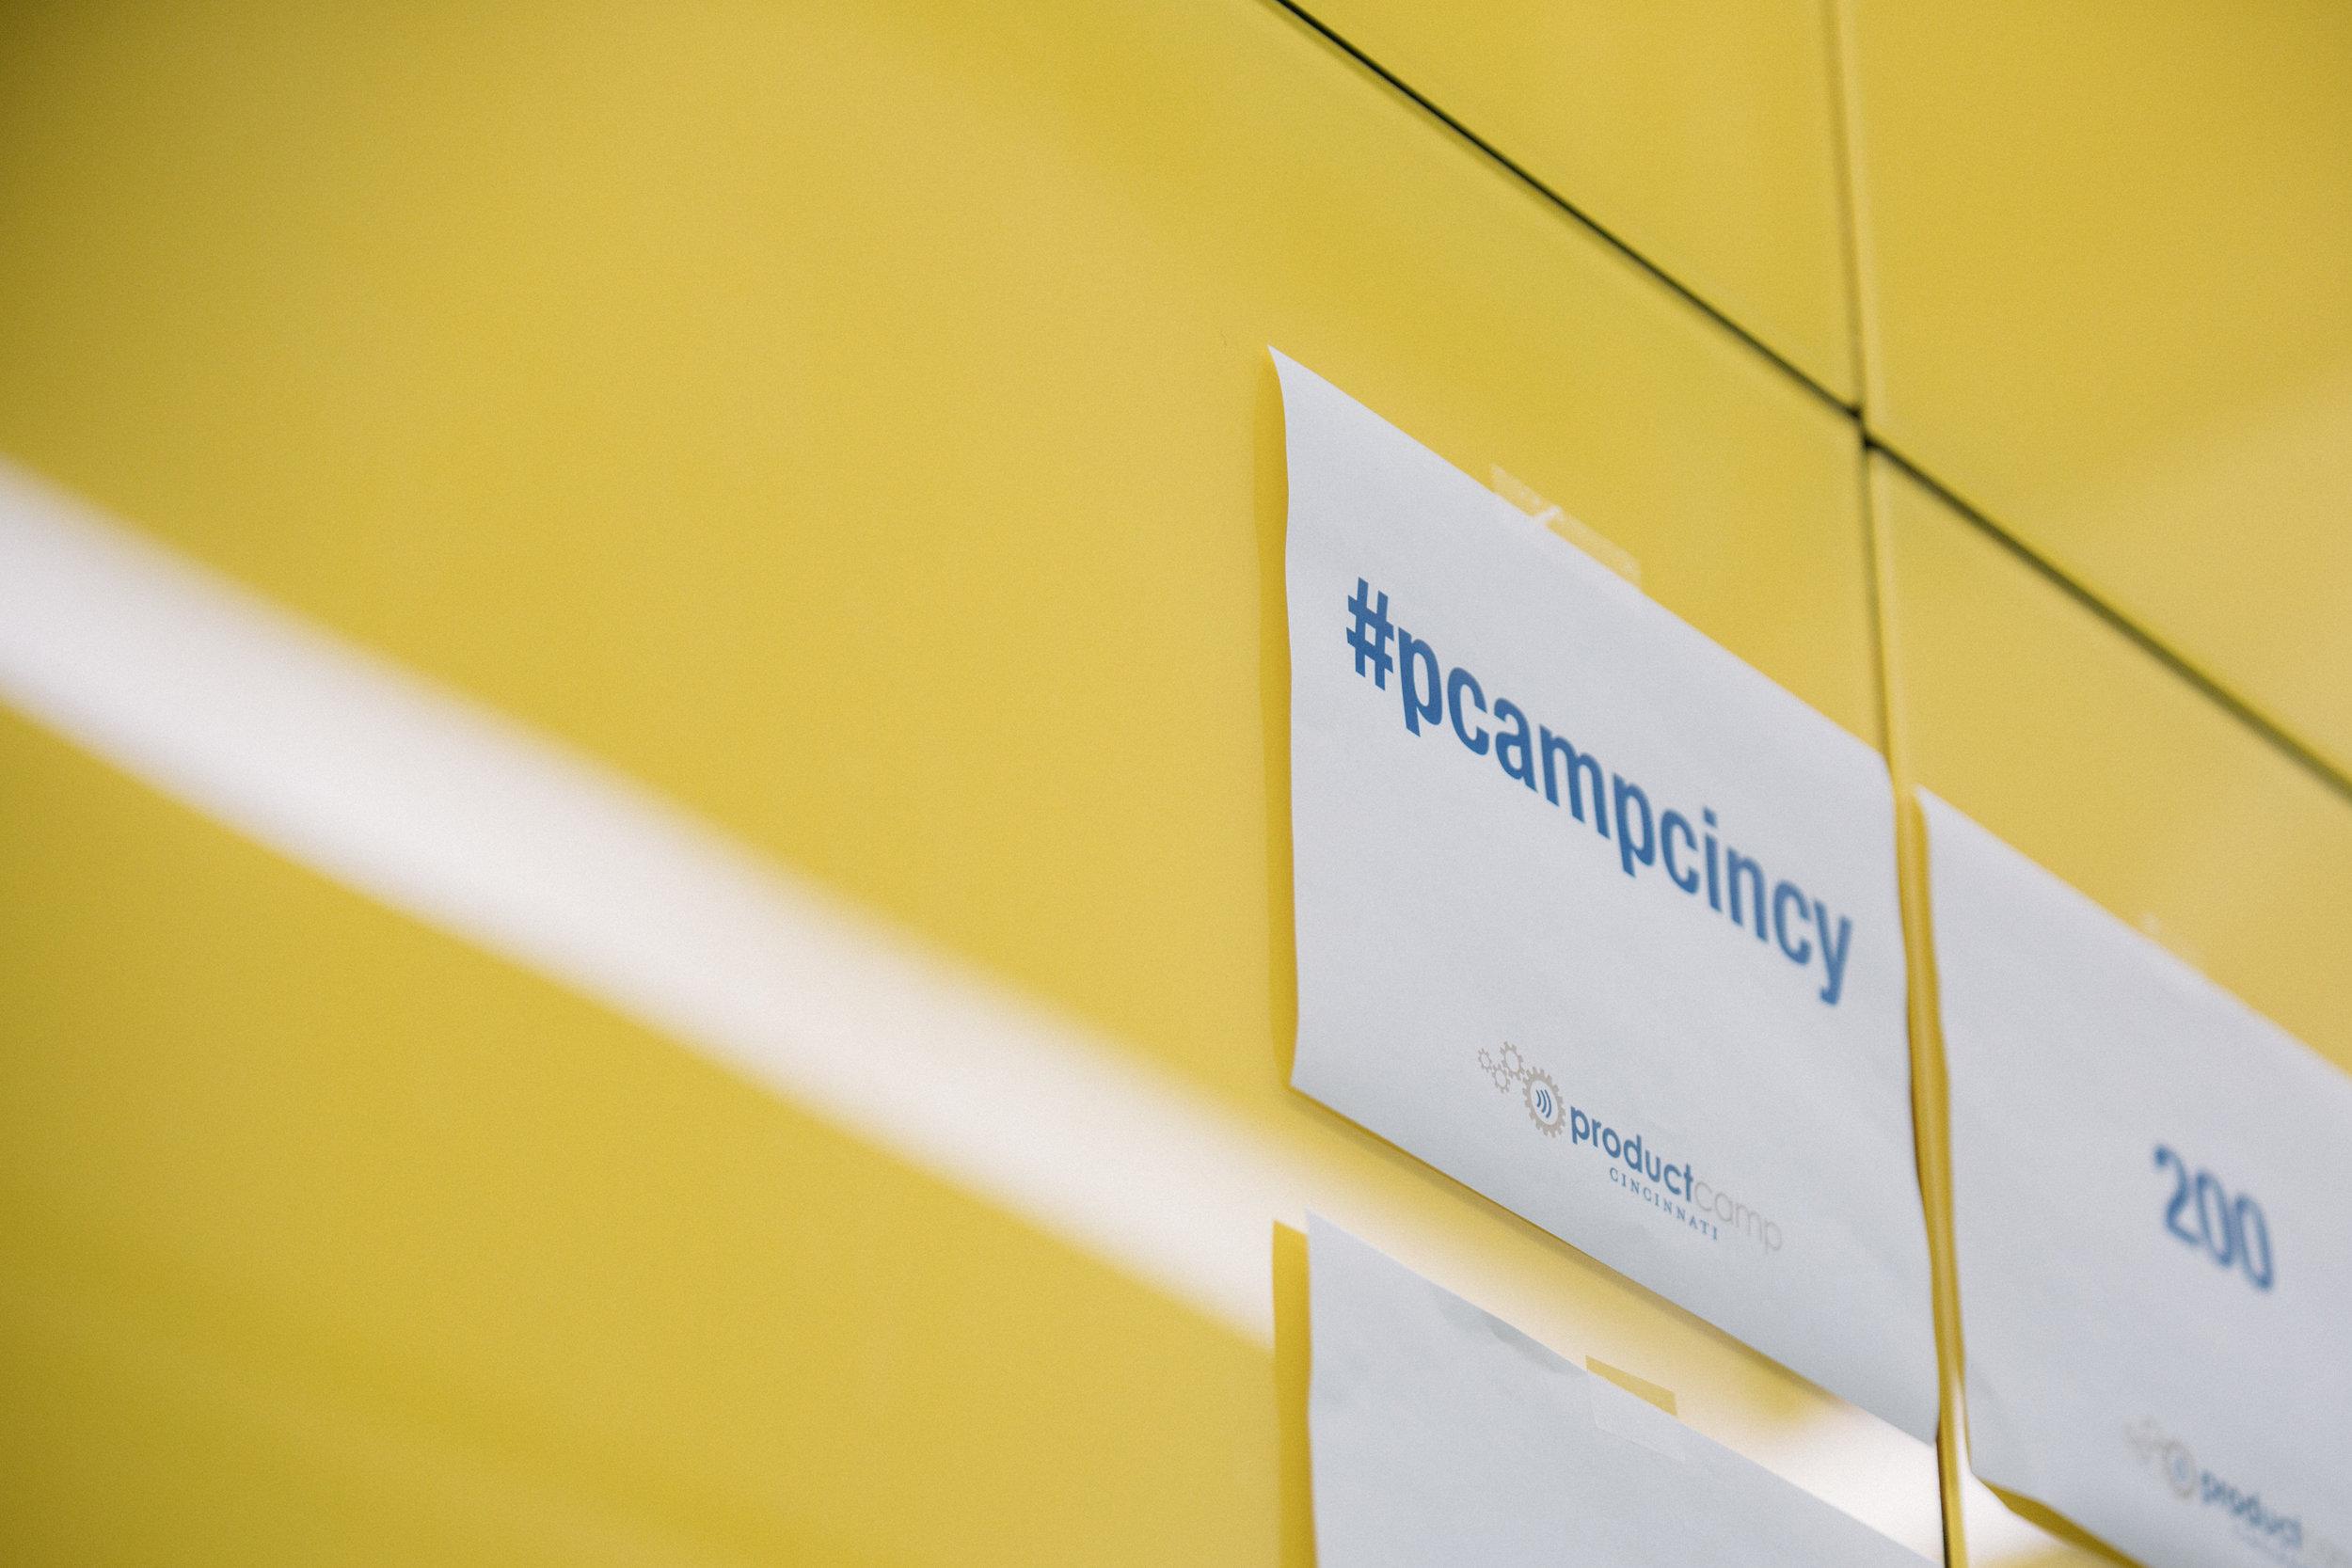 #pcampcincy.jpg